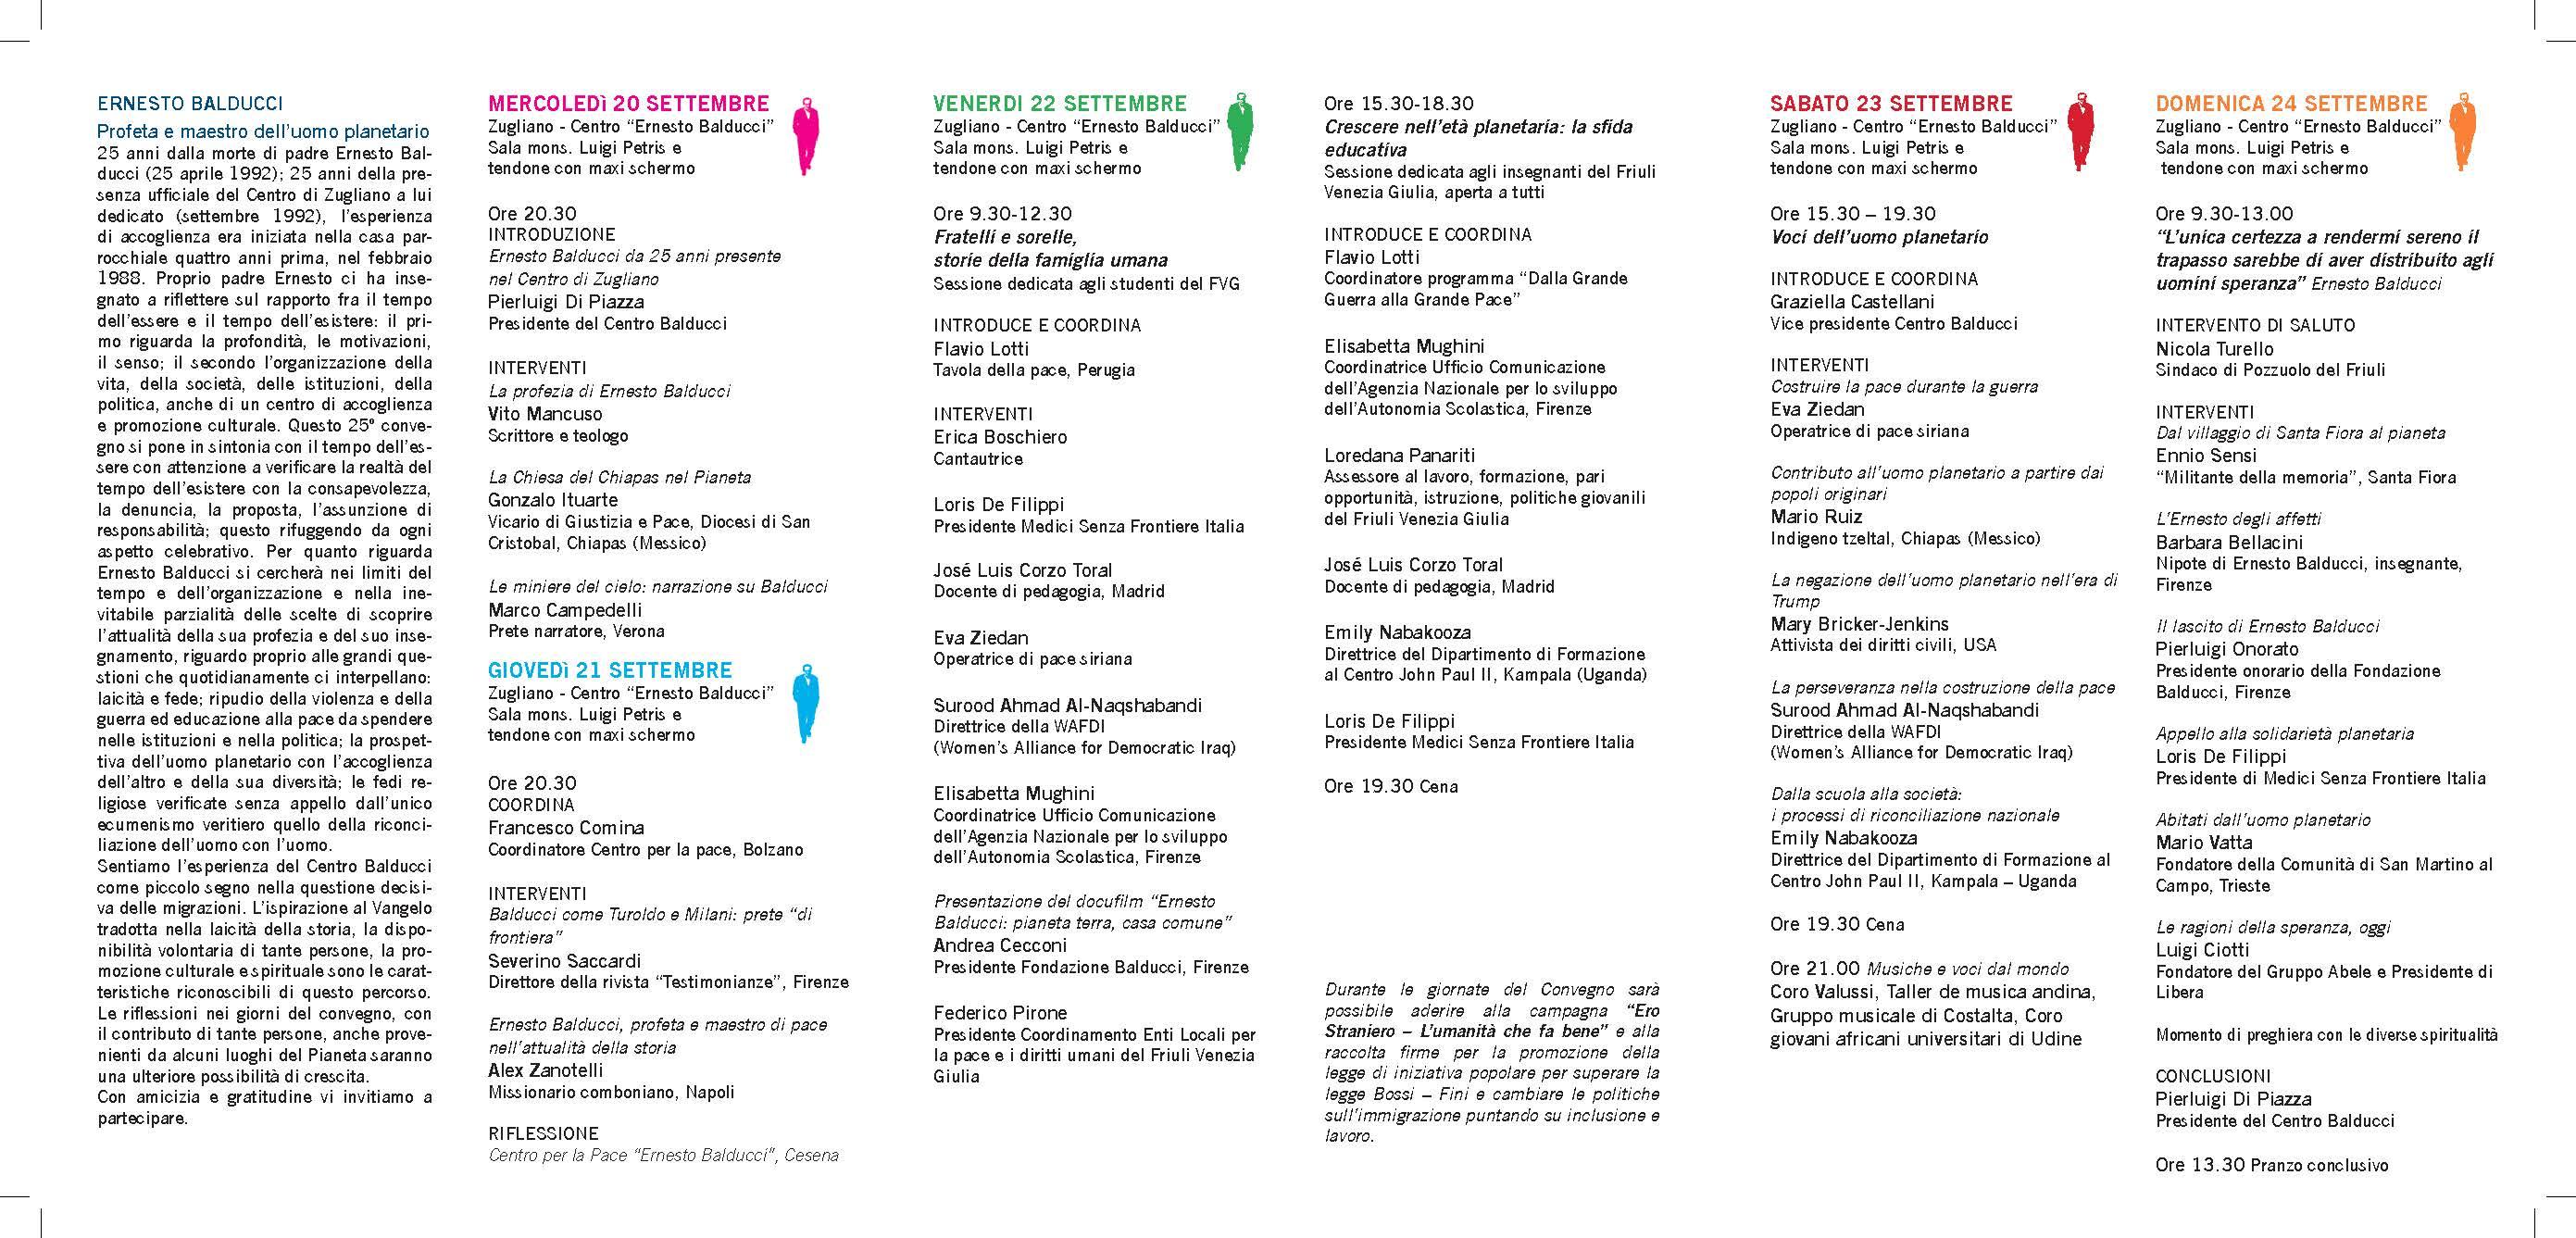 Programma Convegno Balducci 2017_Pagina_1